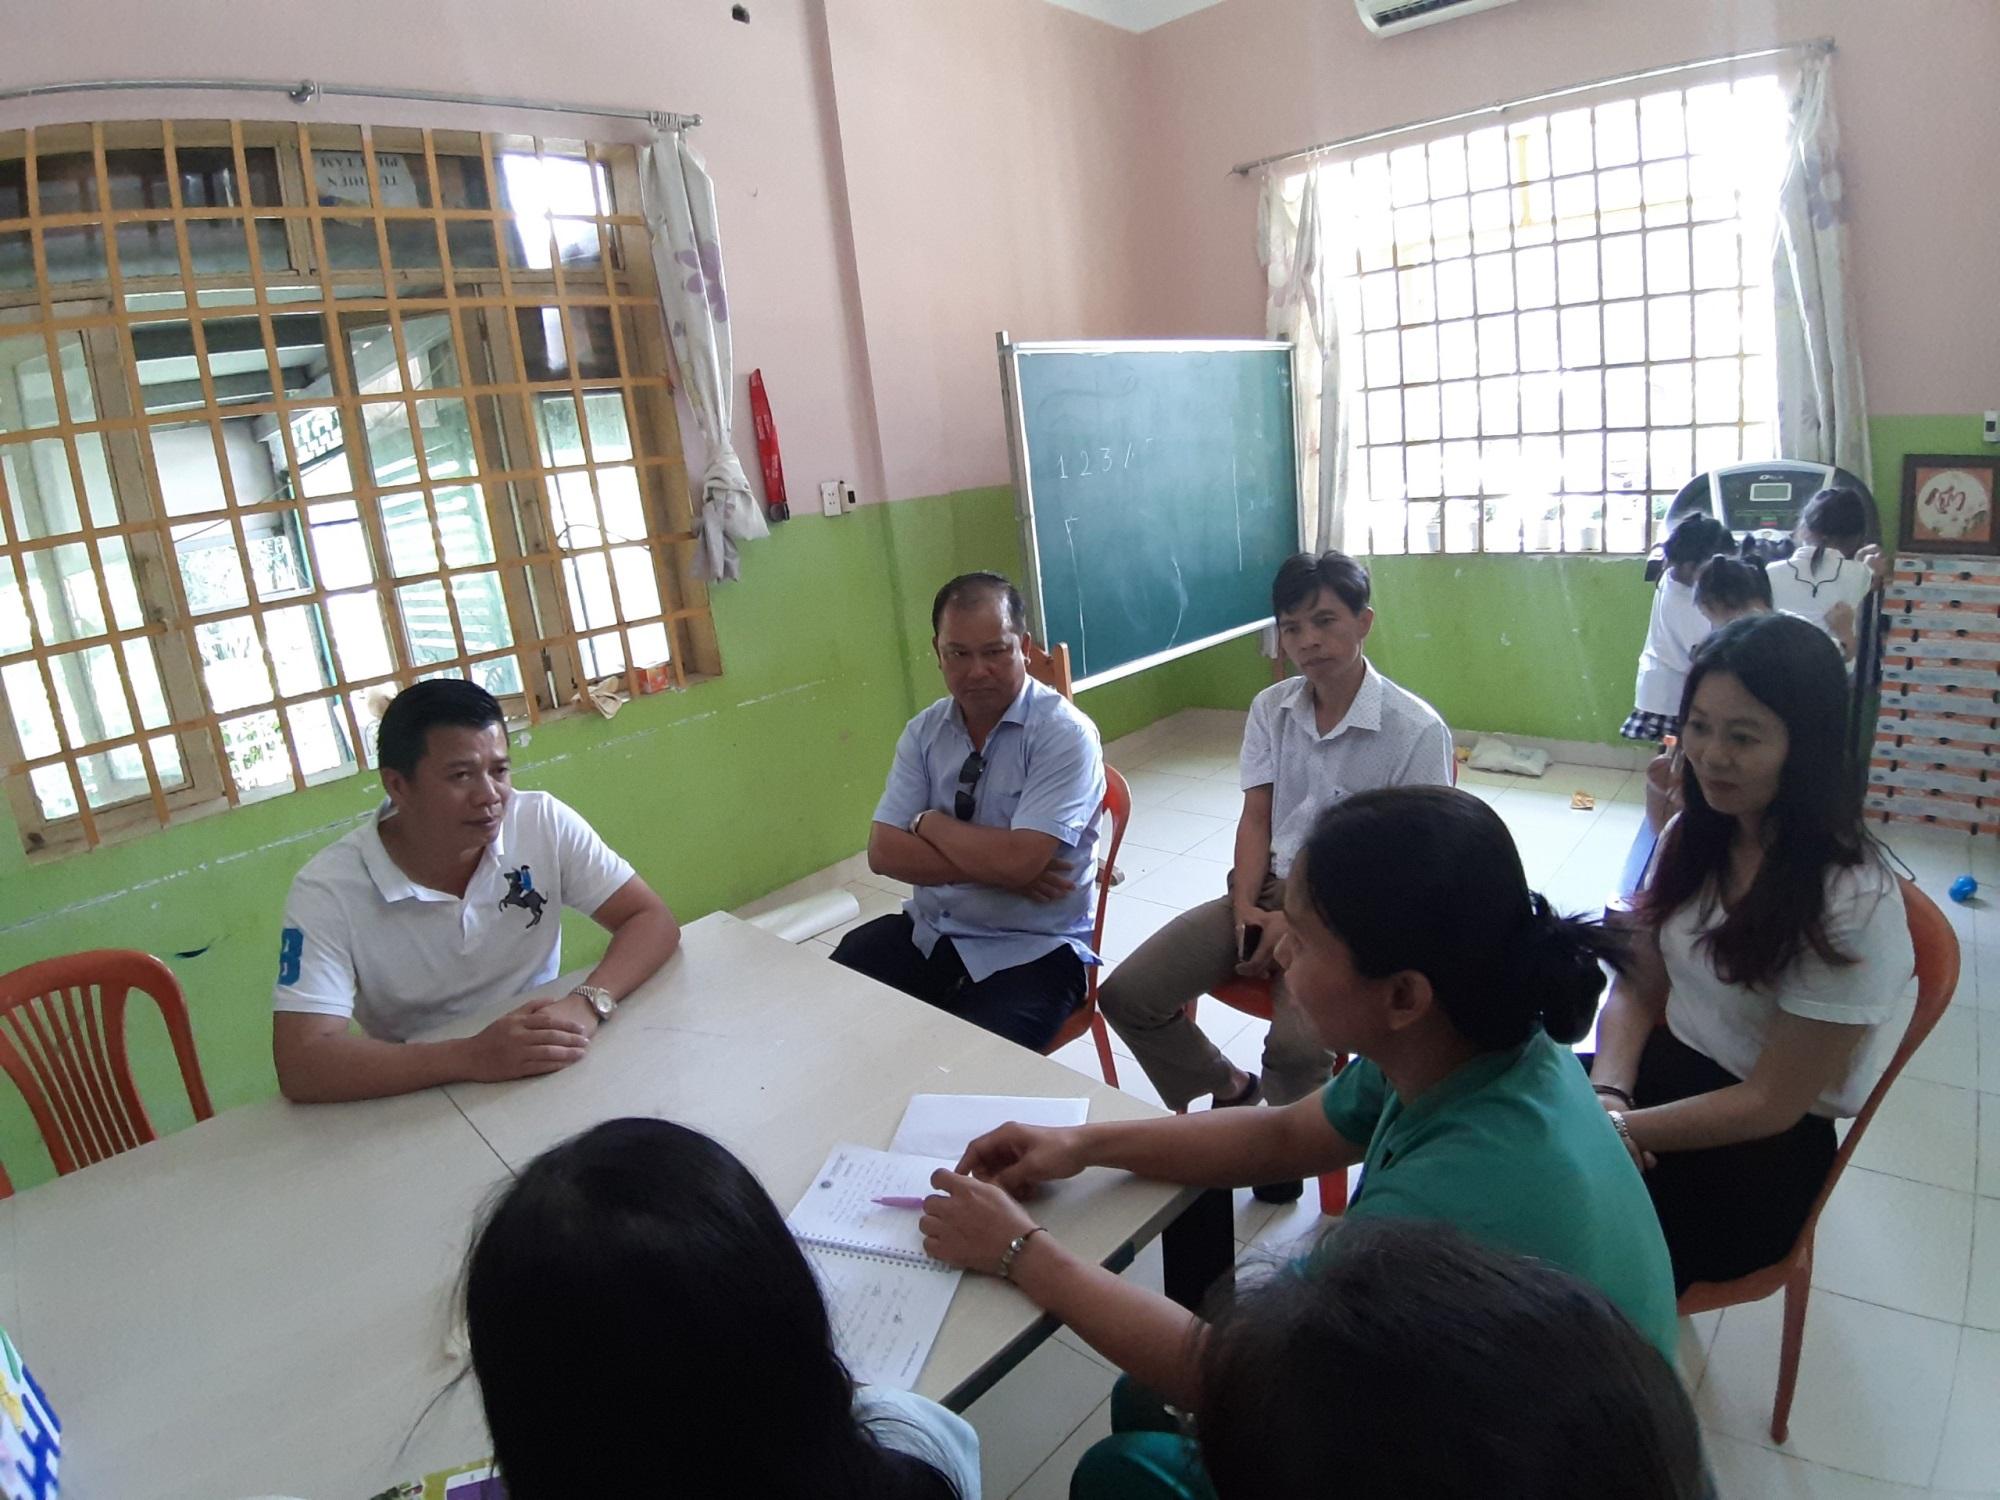 Chuỗi chương trình từ thiện 3 ngày của Hội đá ốp lát Sài Gòn kỷ niệm 10 năm thành lập - Ảnh 14